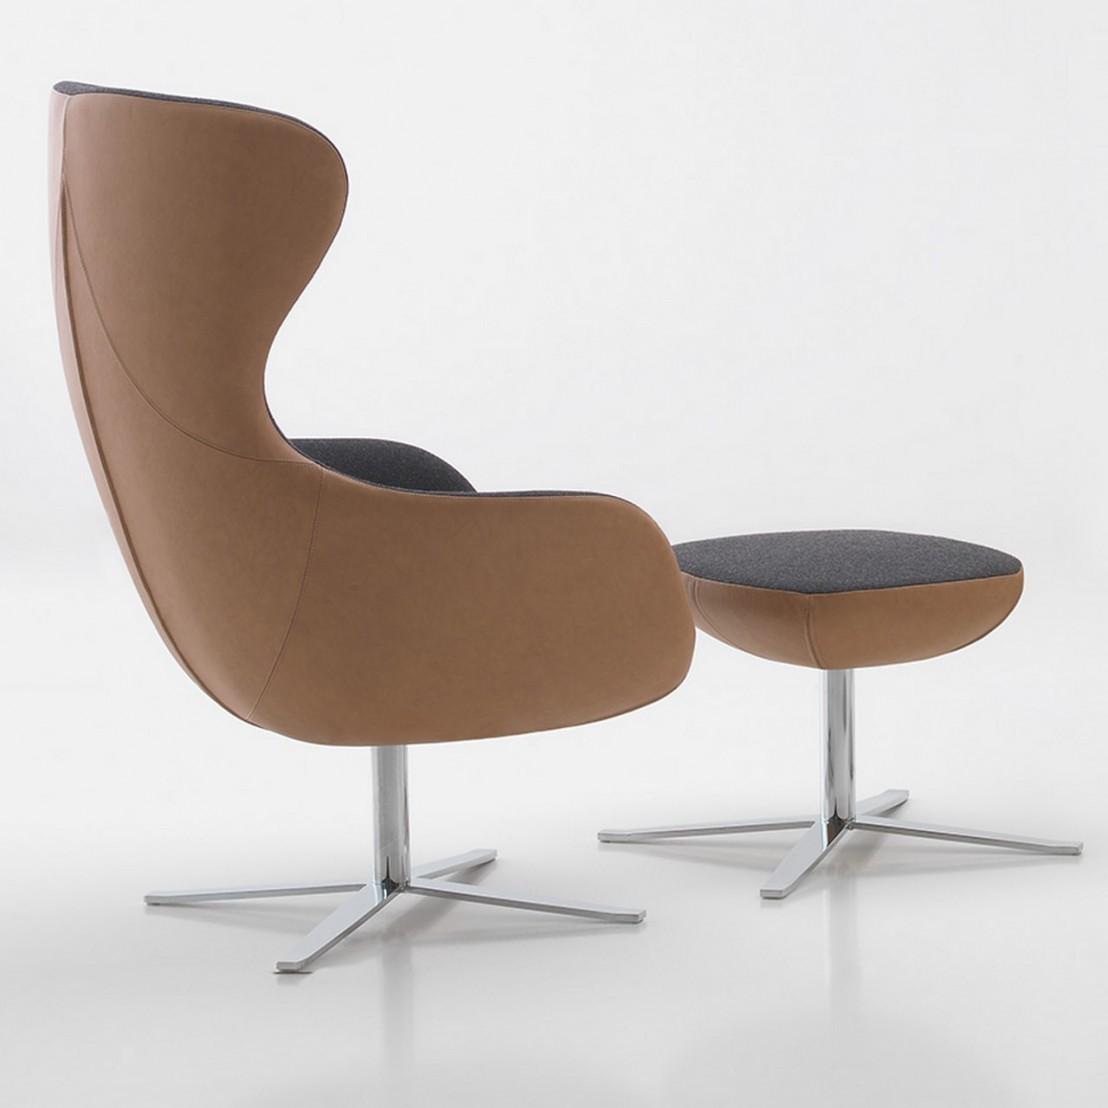 fauteuil egg loeuf cuir ou tissu livraison gratuite. Black Bedroom Furniture Sets. Home Design Ideas